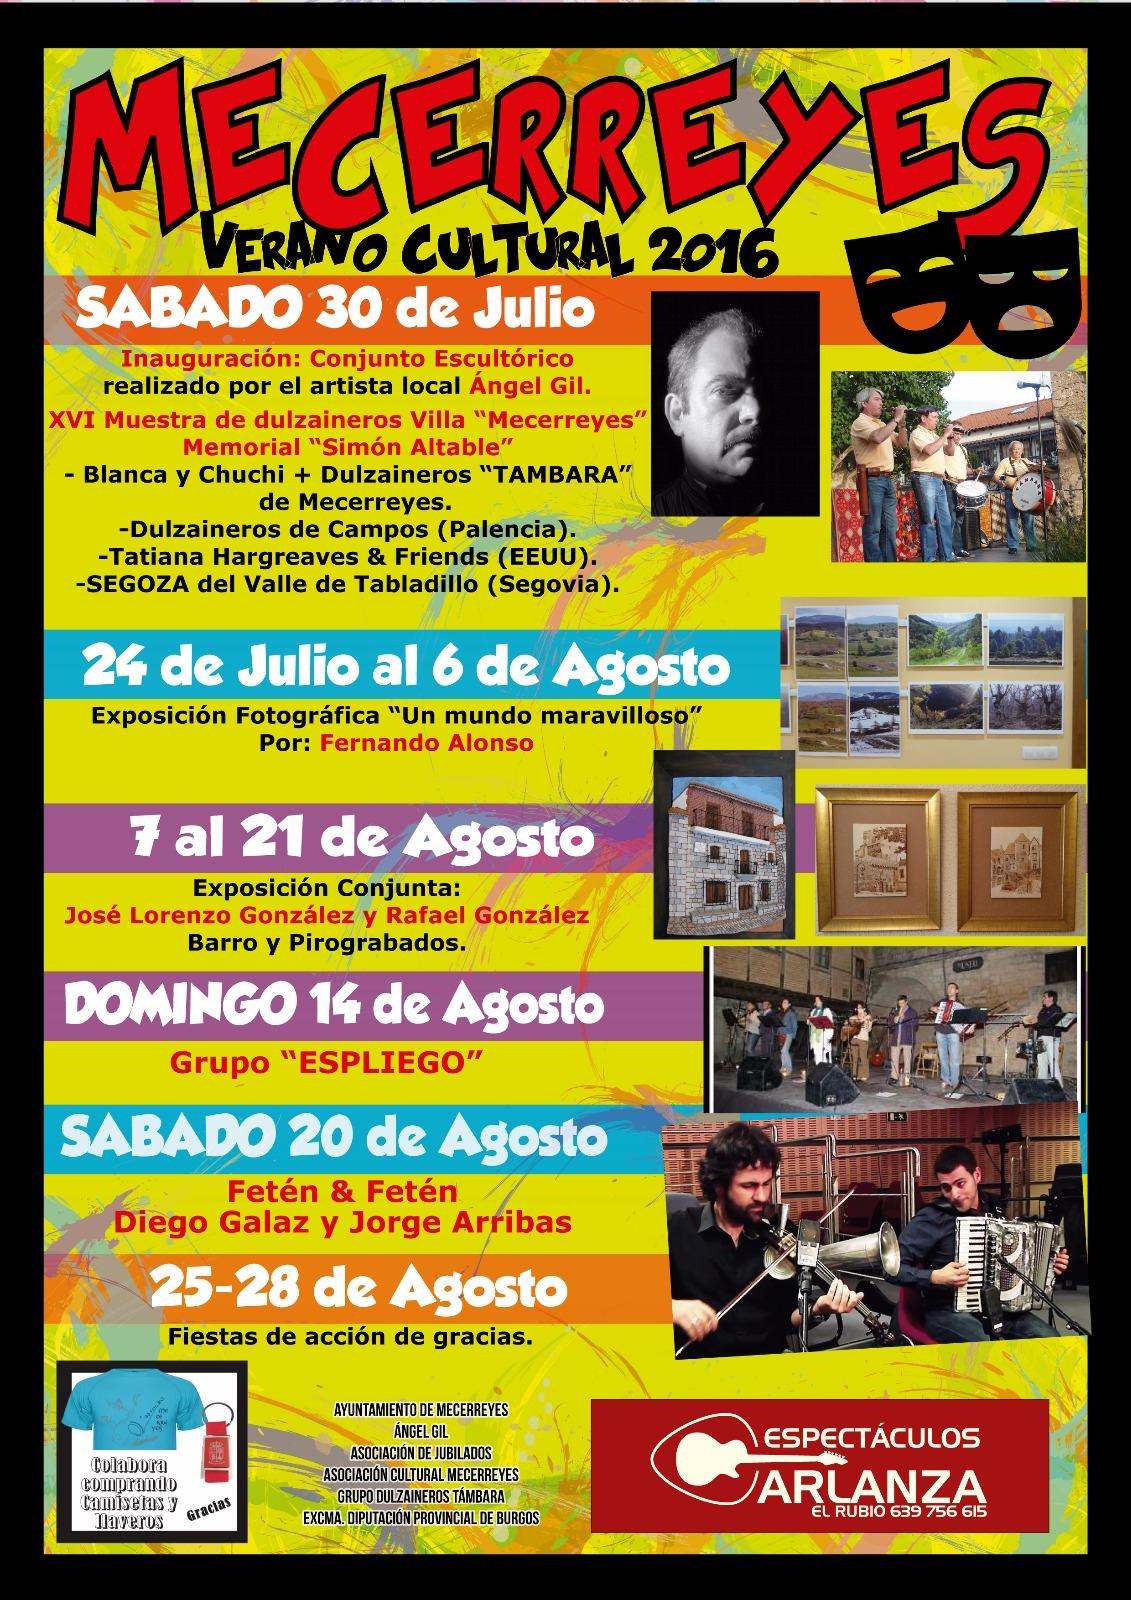 Mecerreyes, Verano Cultural 2016